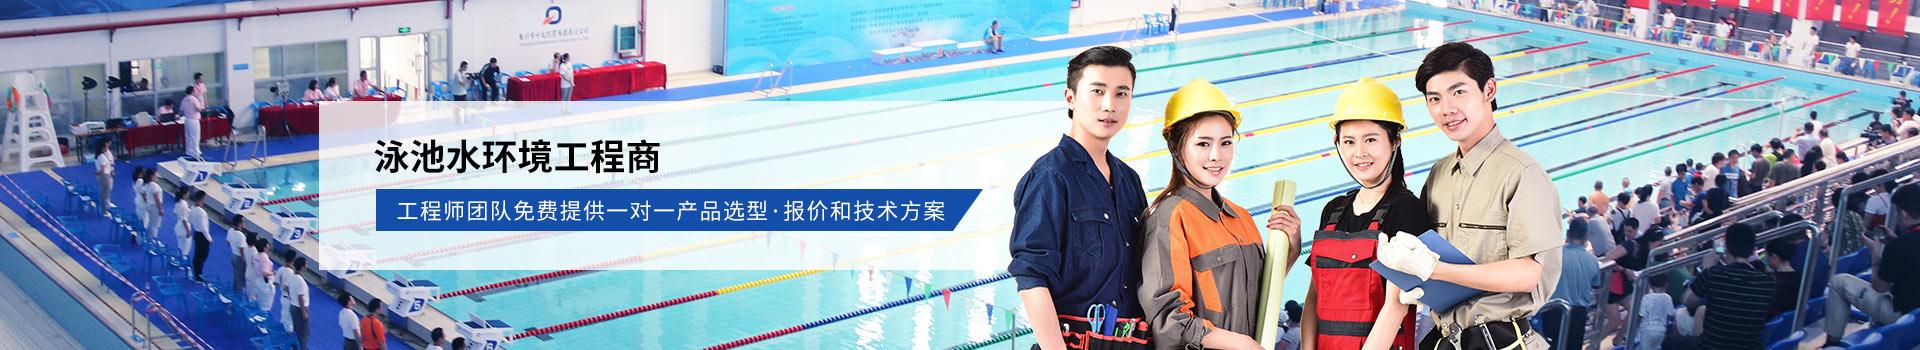 南宁长江源-泳池水环境工程商